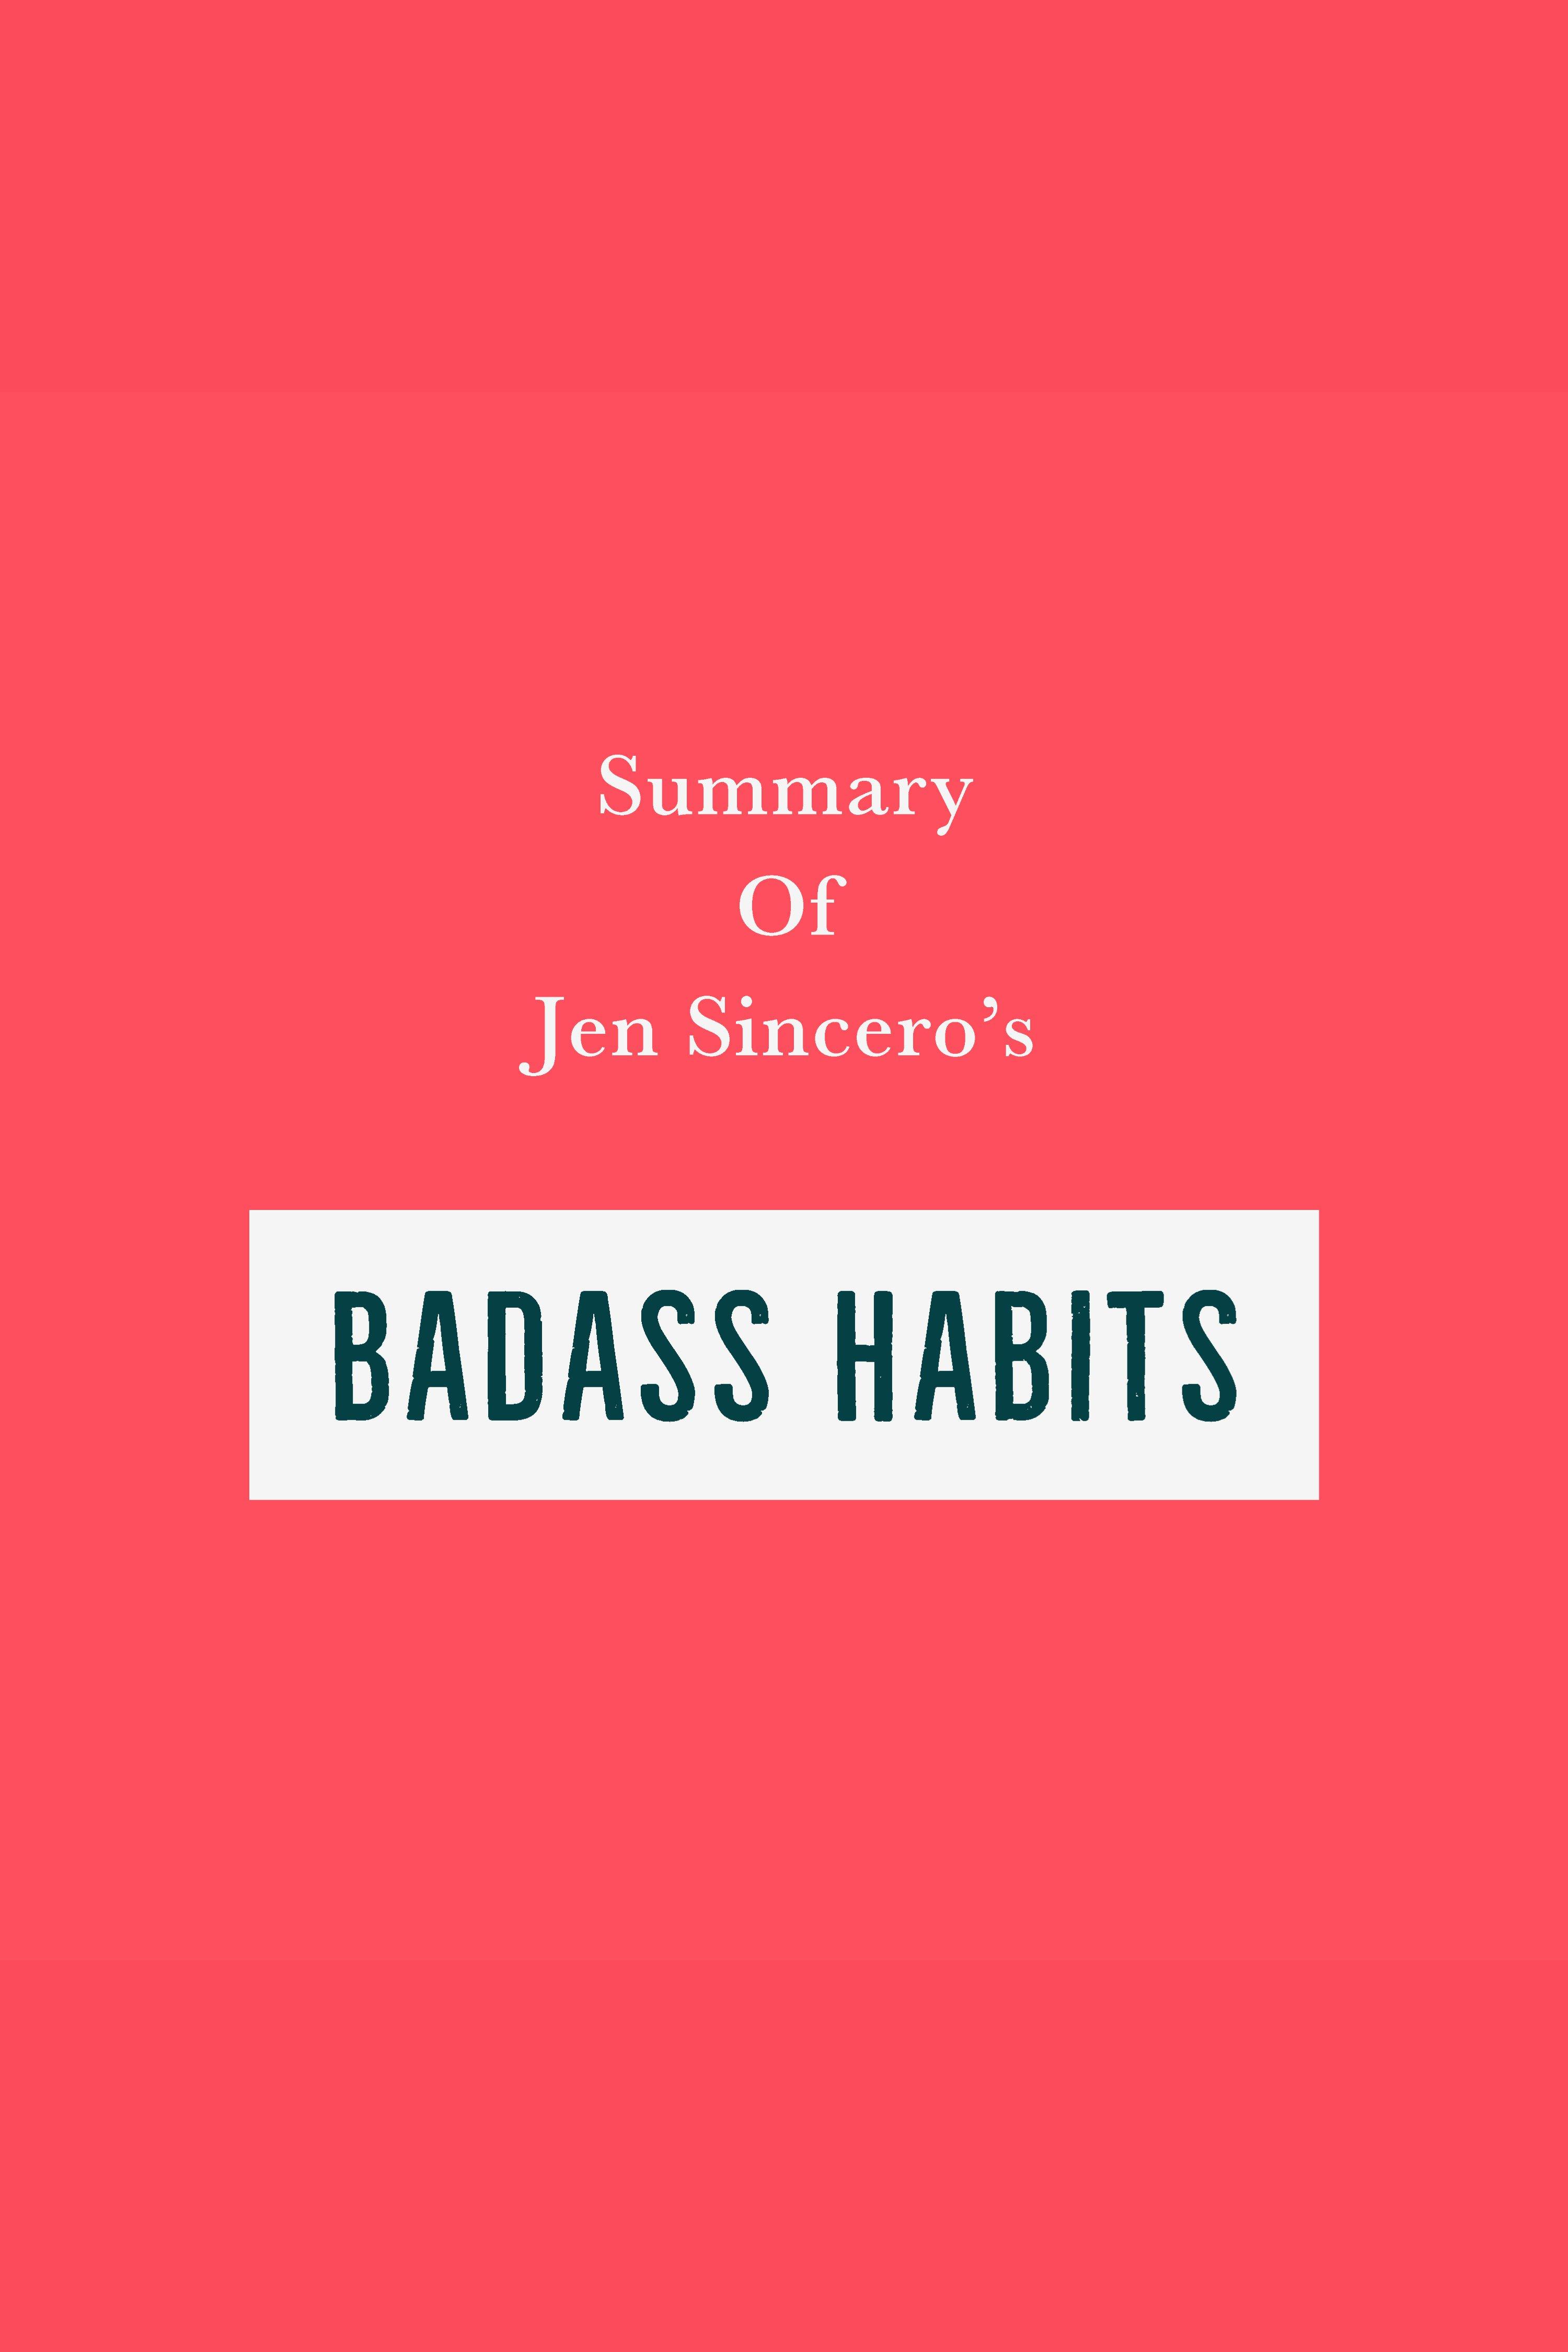 Esta es la portada del audiolibro Summary of Jen Sincero's Badass Habits